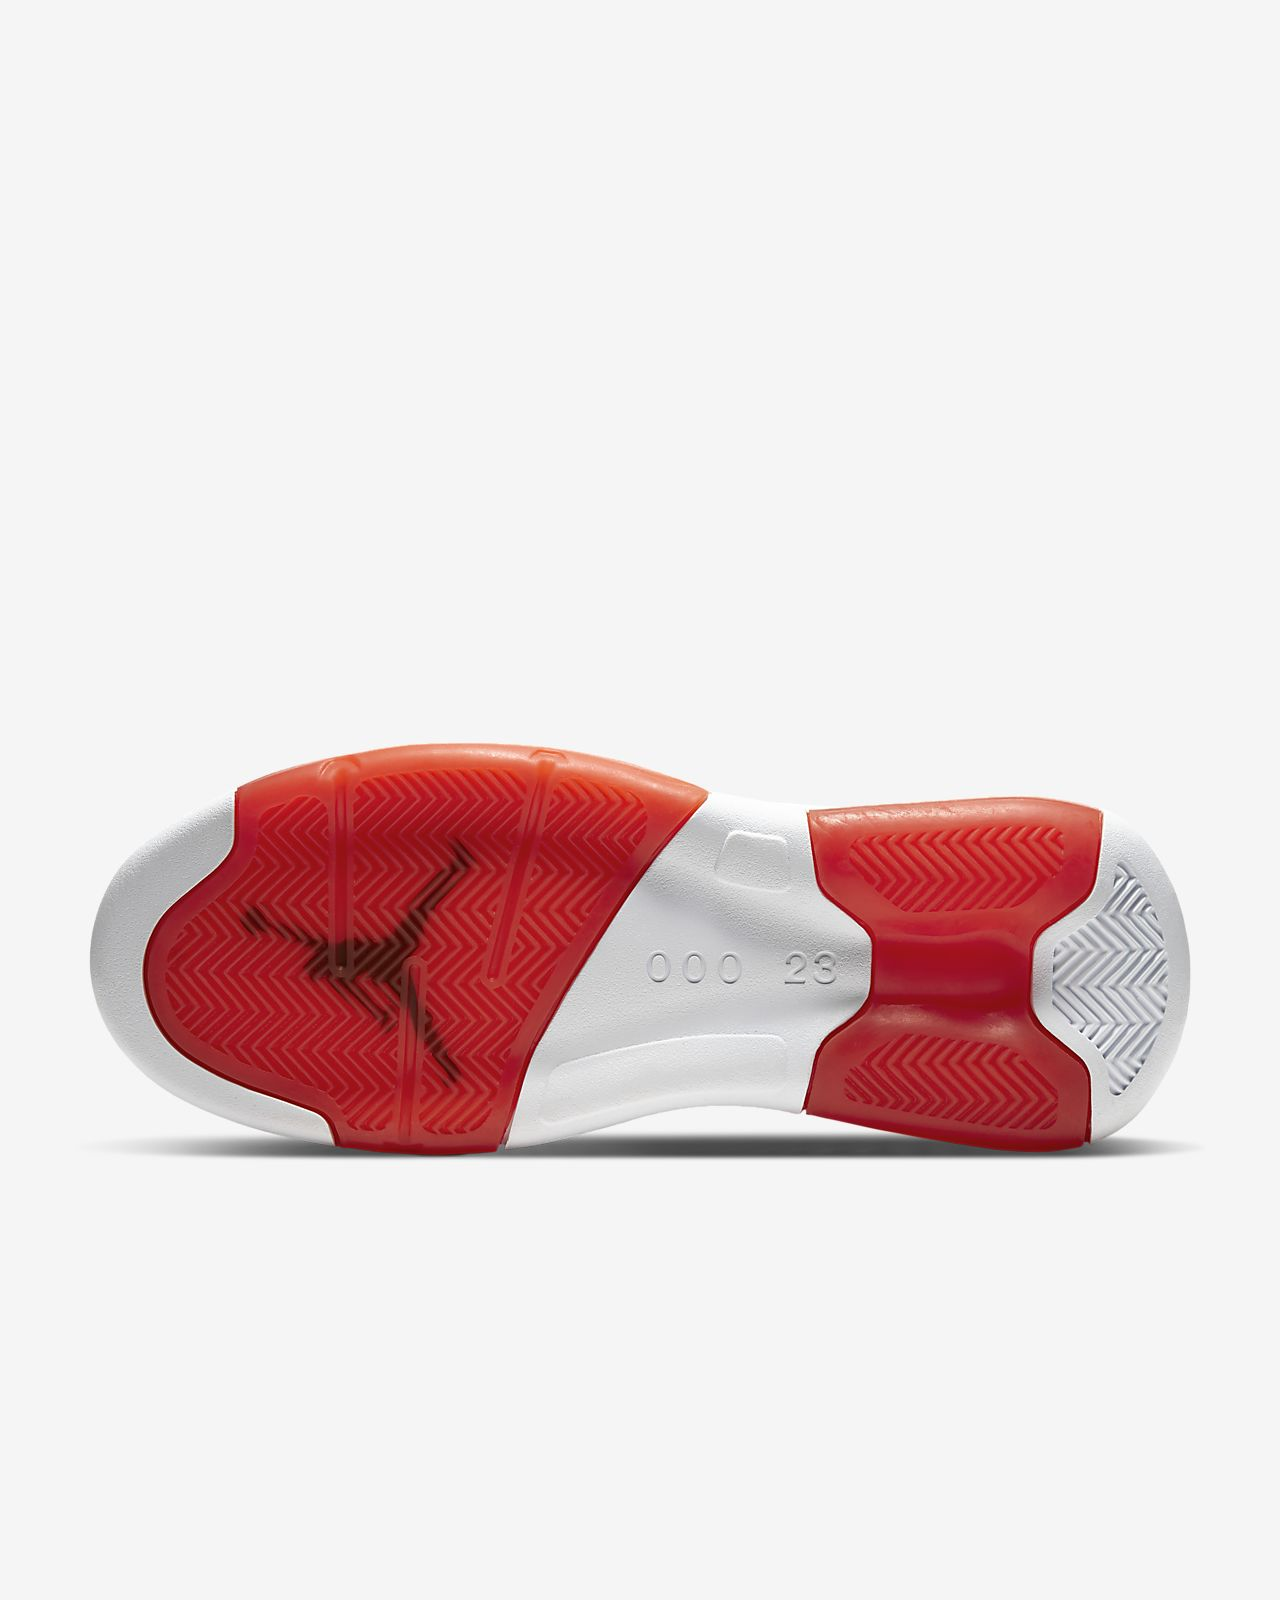 Sko Jordan Maxin 200 för män. Nike SE